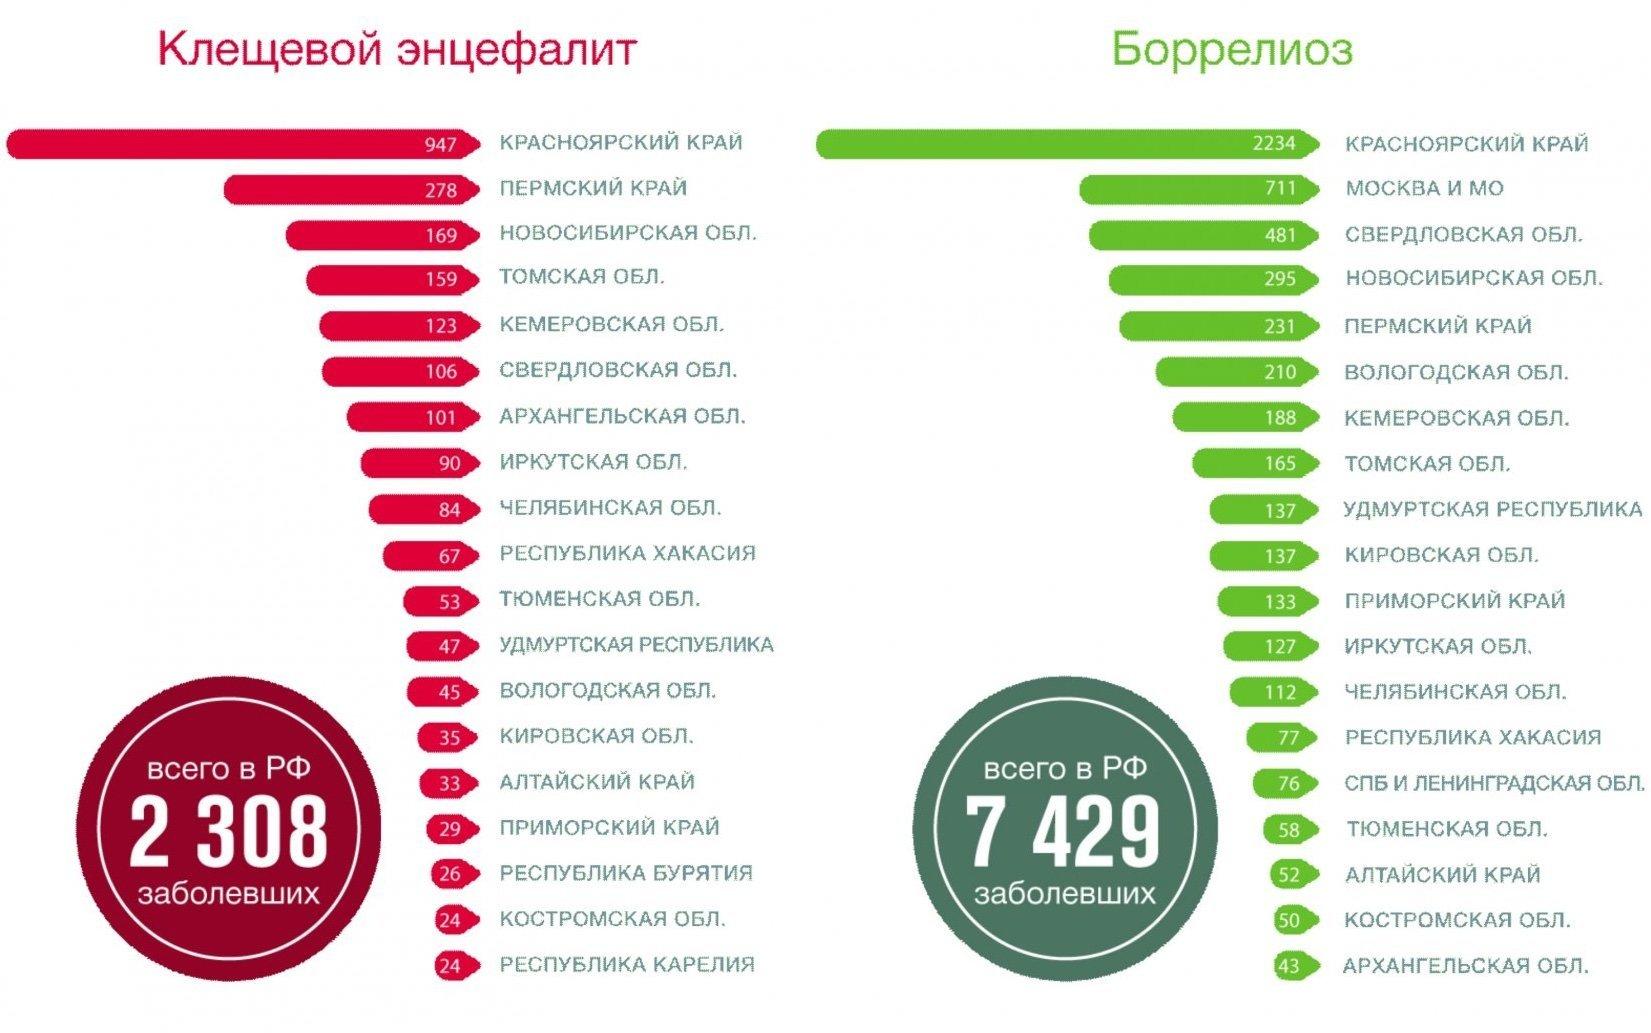 Статистика клещевого энцефалита и боррелиоза